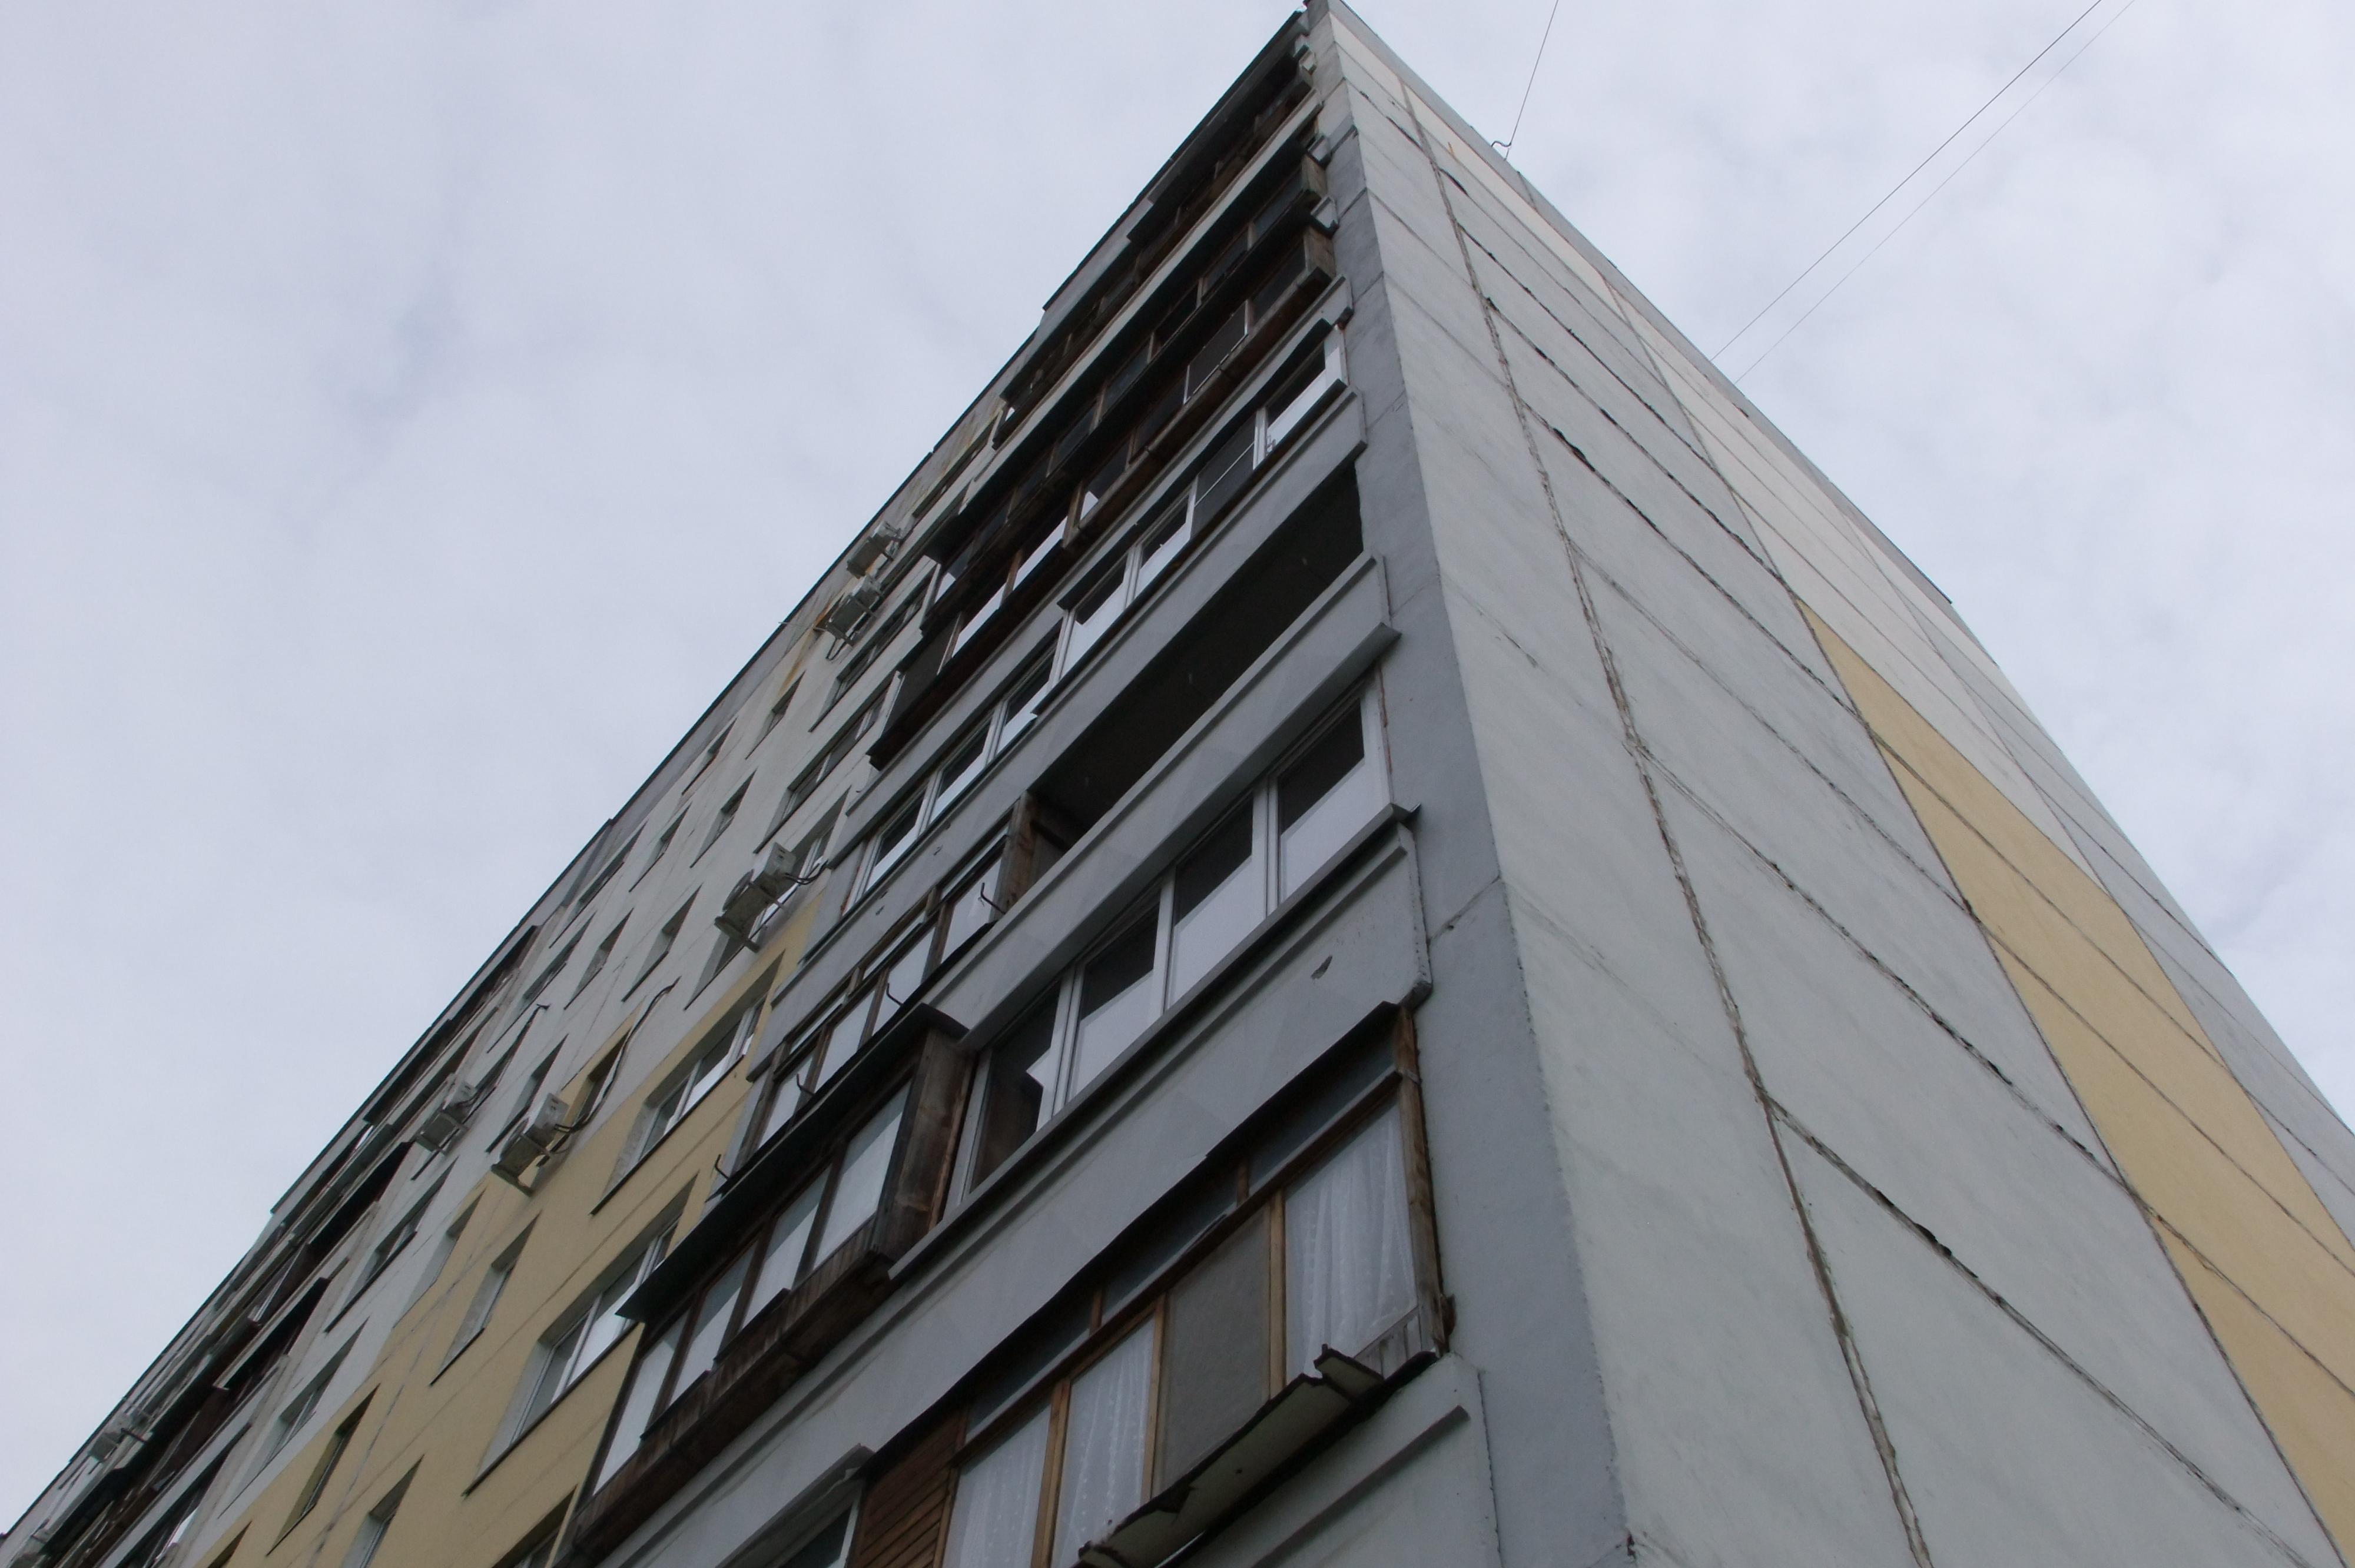 ВТуле девушка выжила после падения изокна девятого этажа